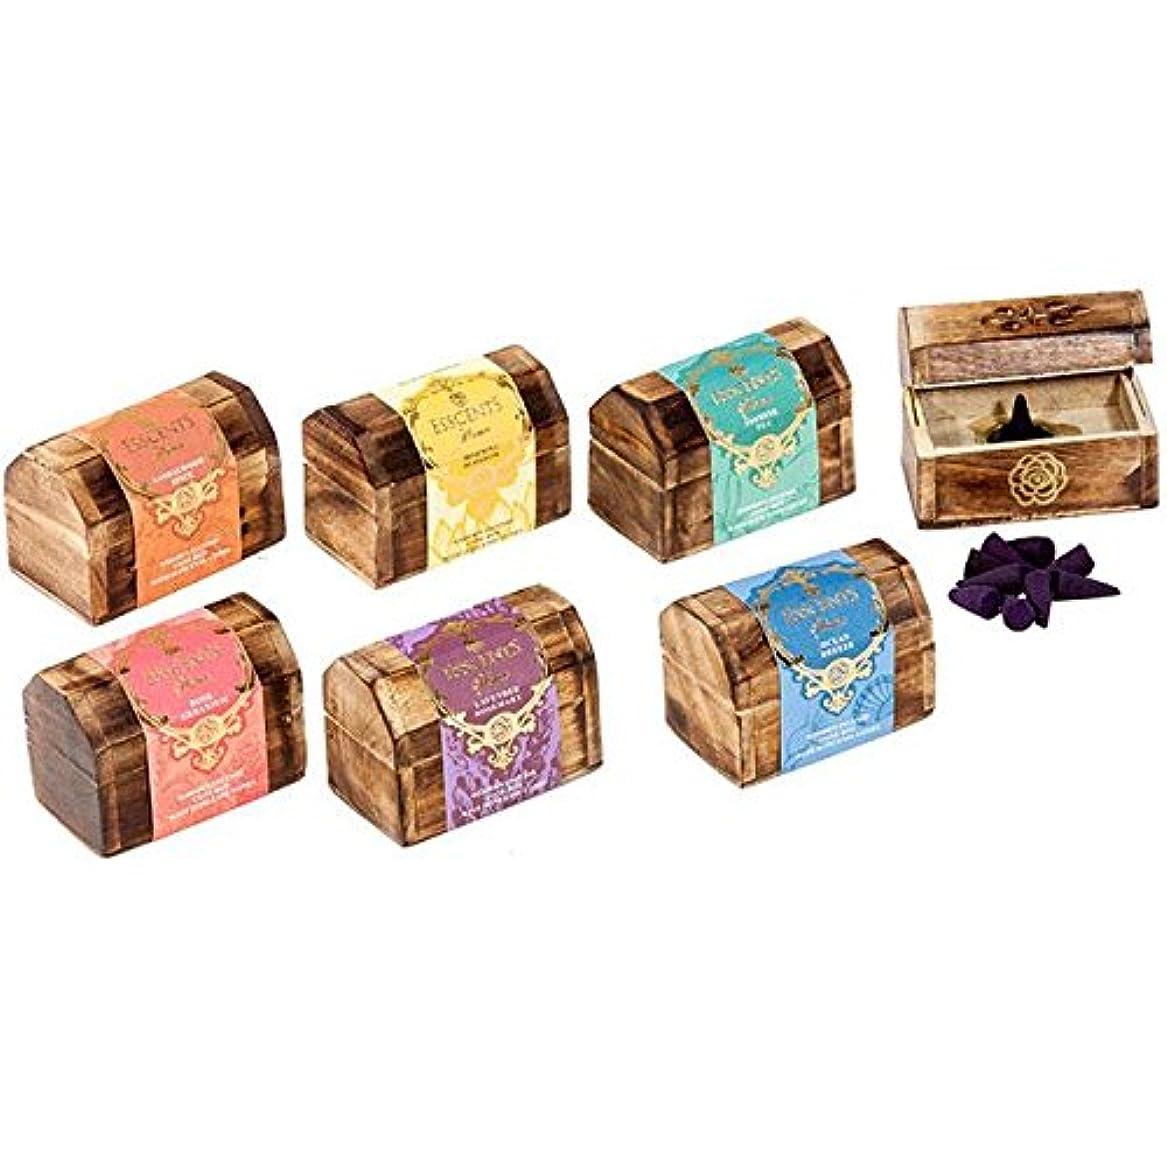 からに変化する独立した音Esscents Incense Cone Wooden Gift Set